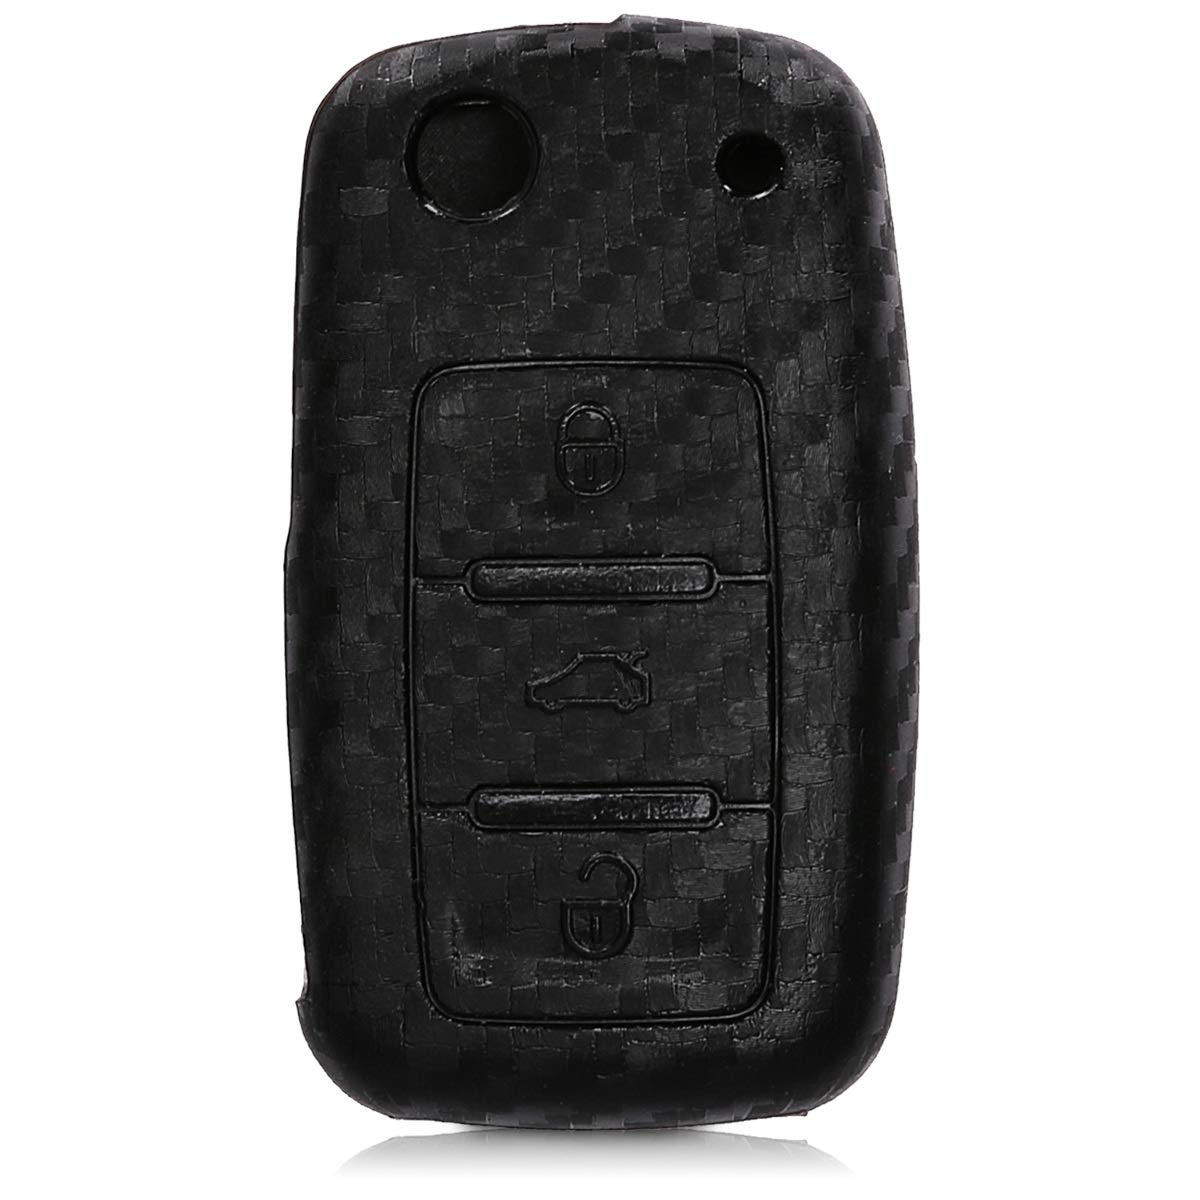 Carcasa Protectora kwmobile Funda para Llave de 3 Botones para Coche VW Skoda Seat Silicona Suave - Case de Mando de Auto con dise/ño Dont Touch my Key de